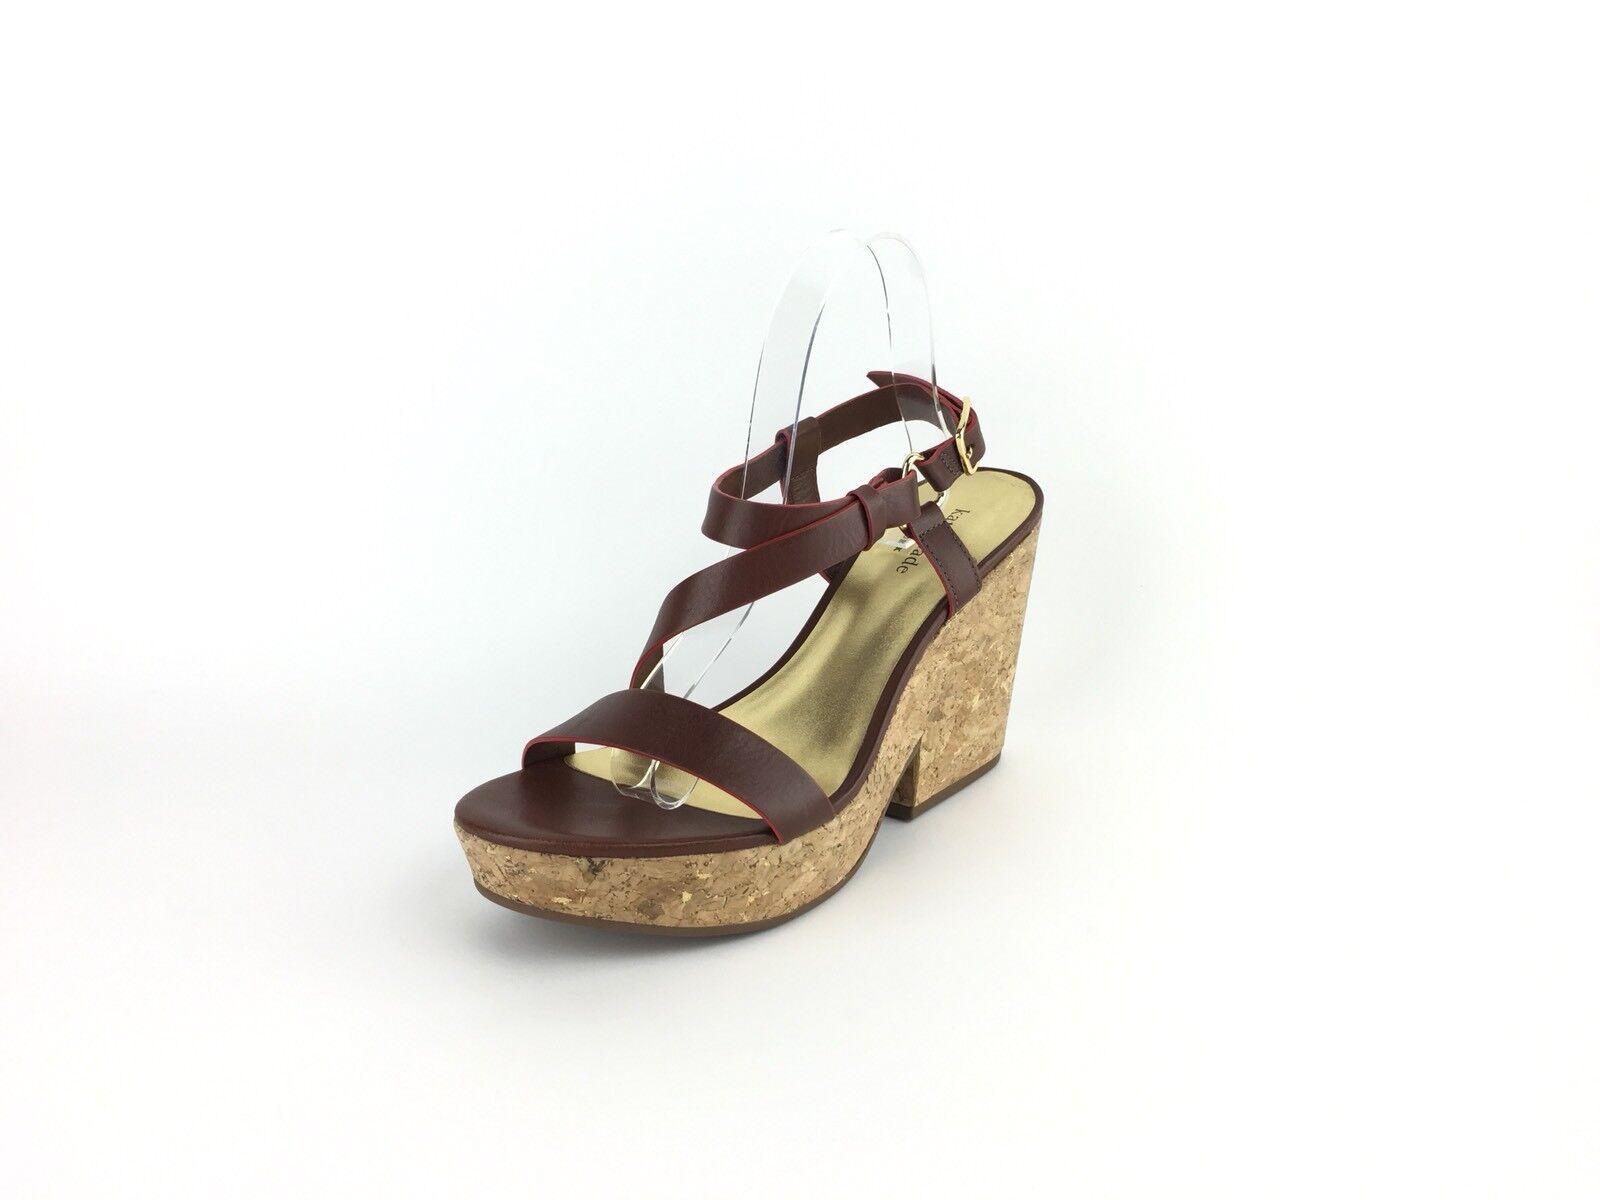 Kate Spade Leather damen braun Leather Spade Cork Heels 8.5 M bcac3b